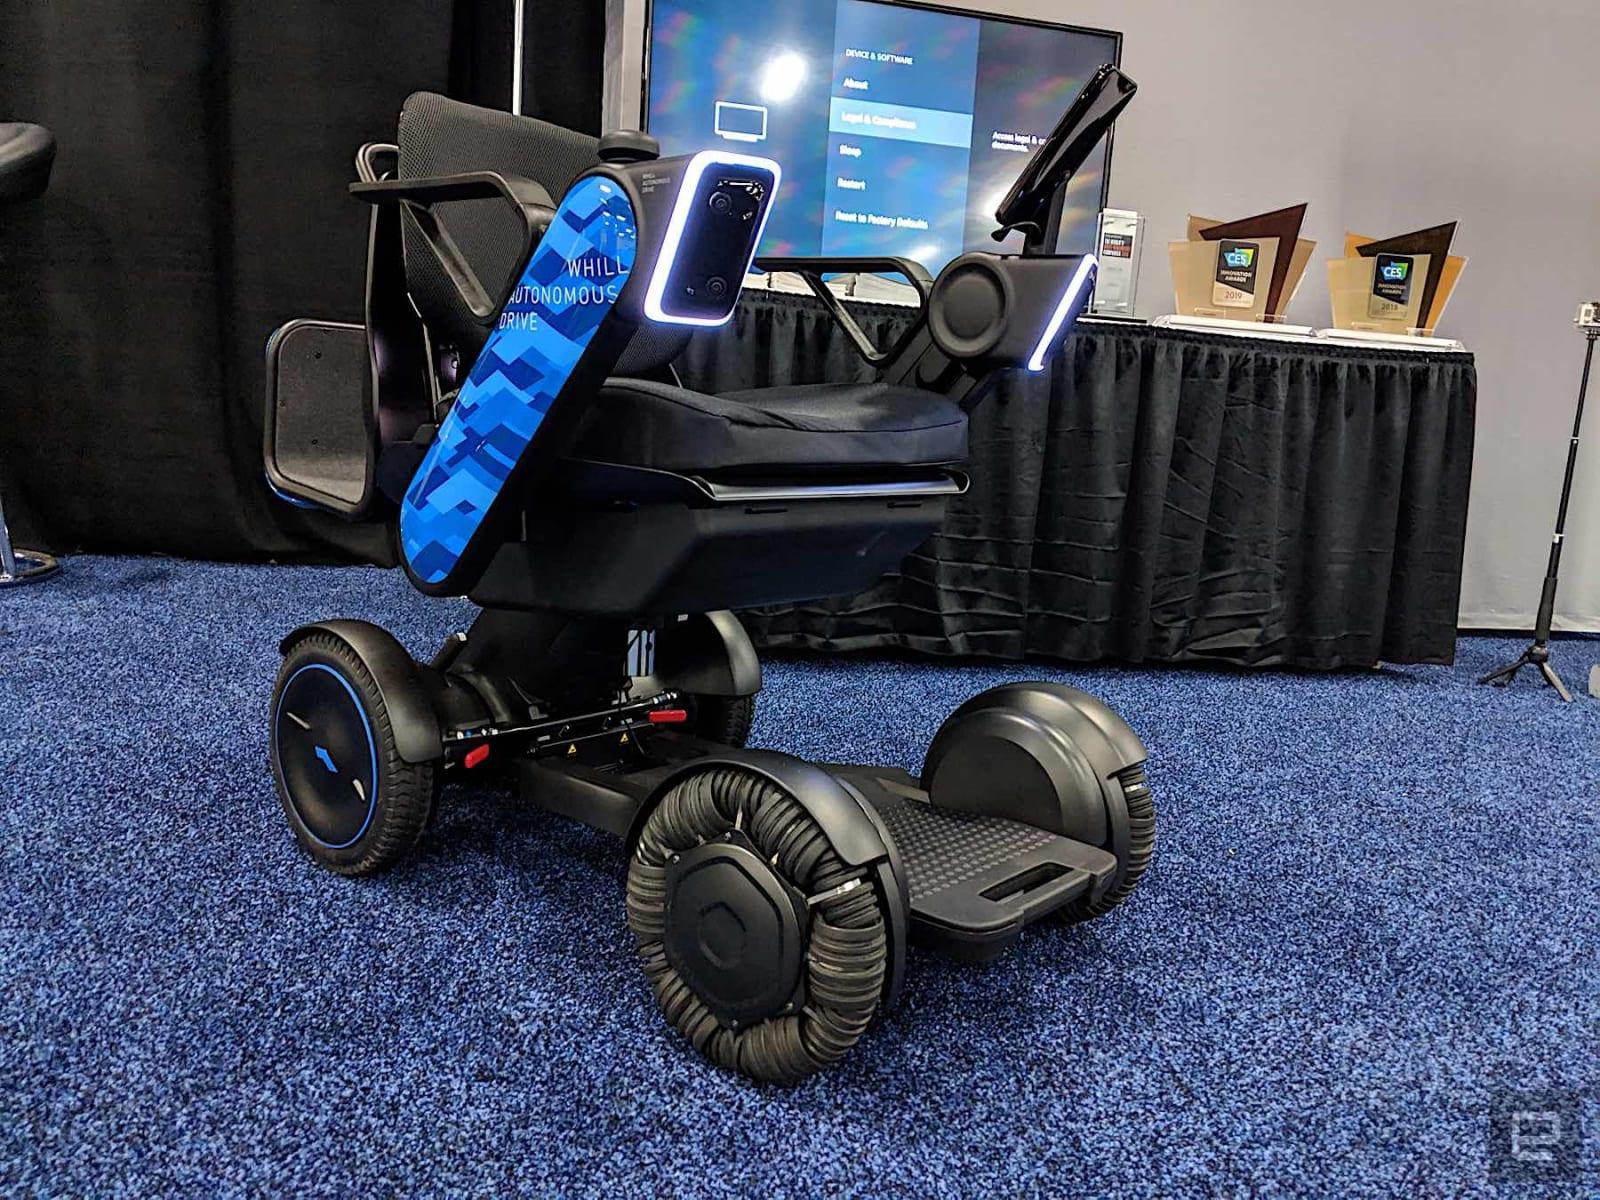 Whill Autonomous Drive System